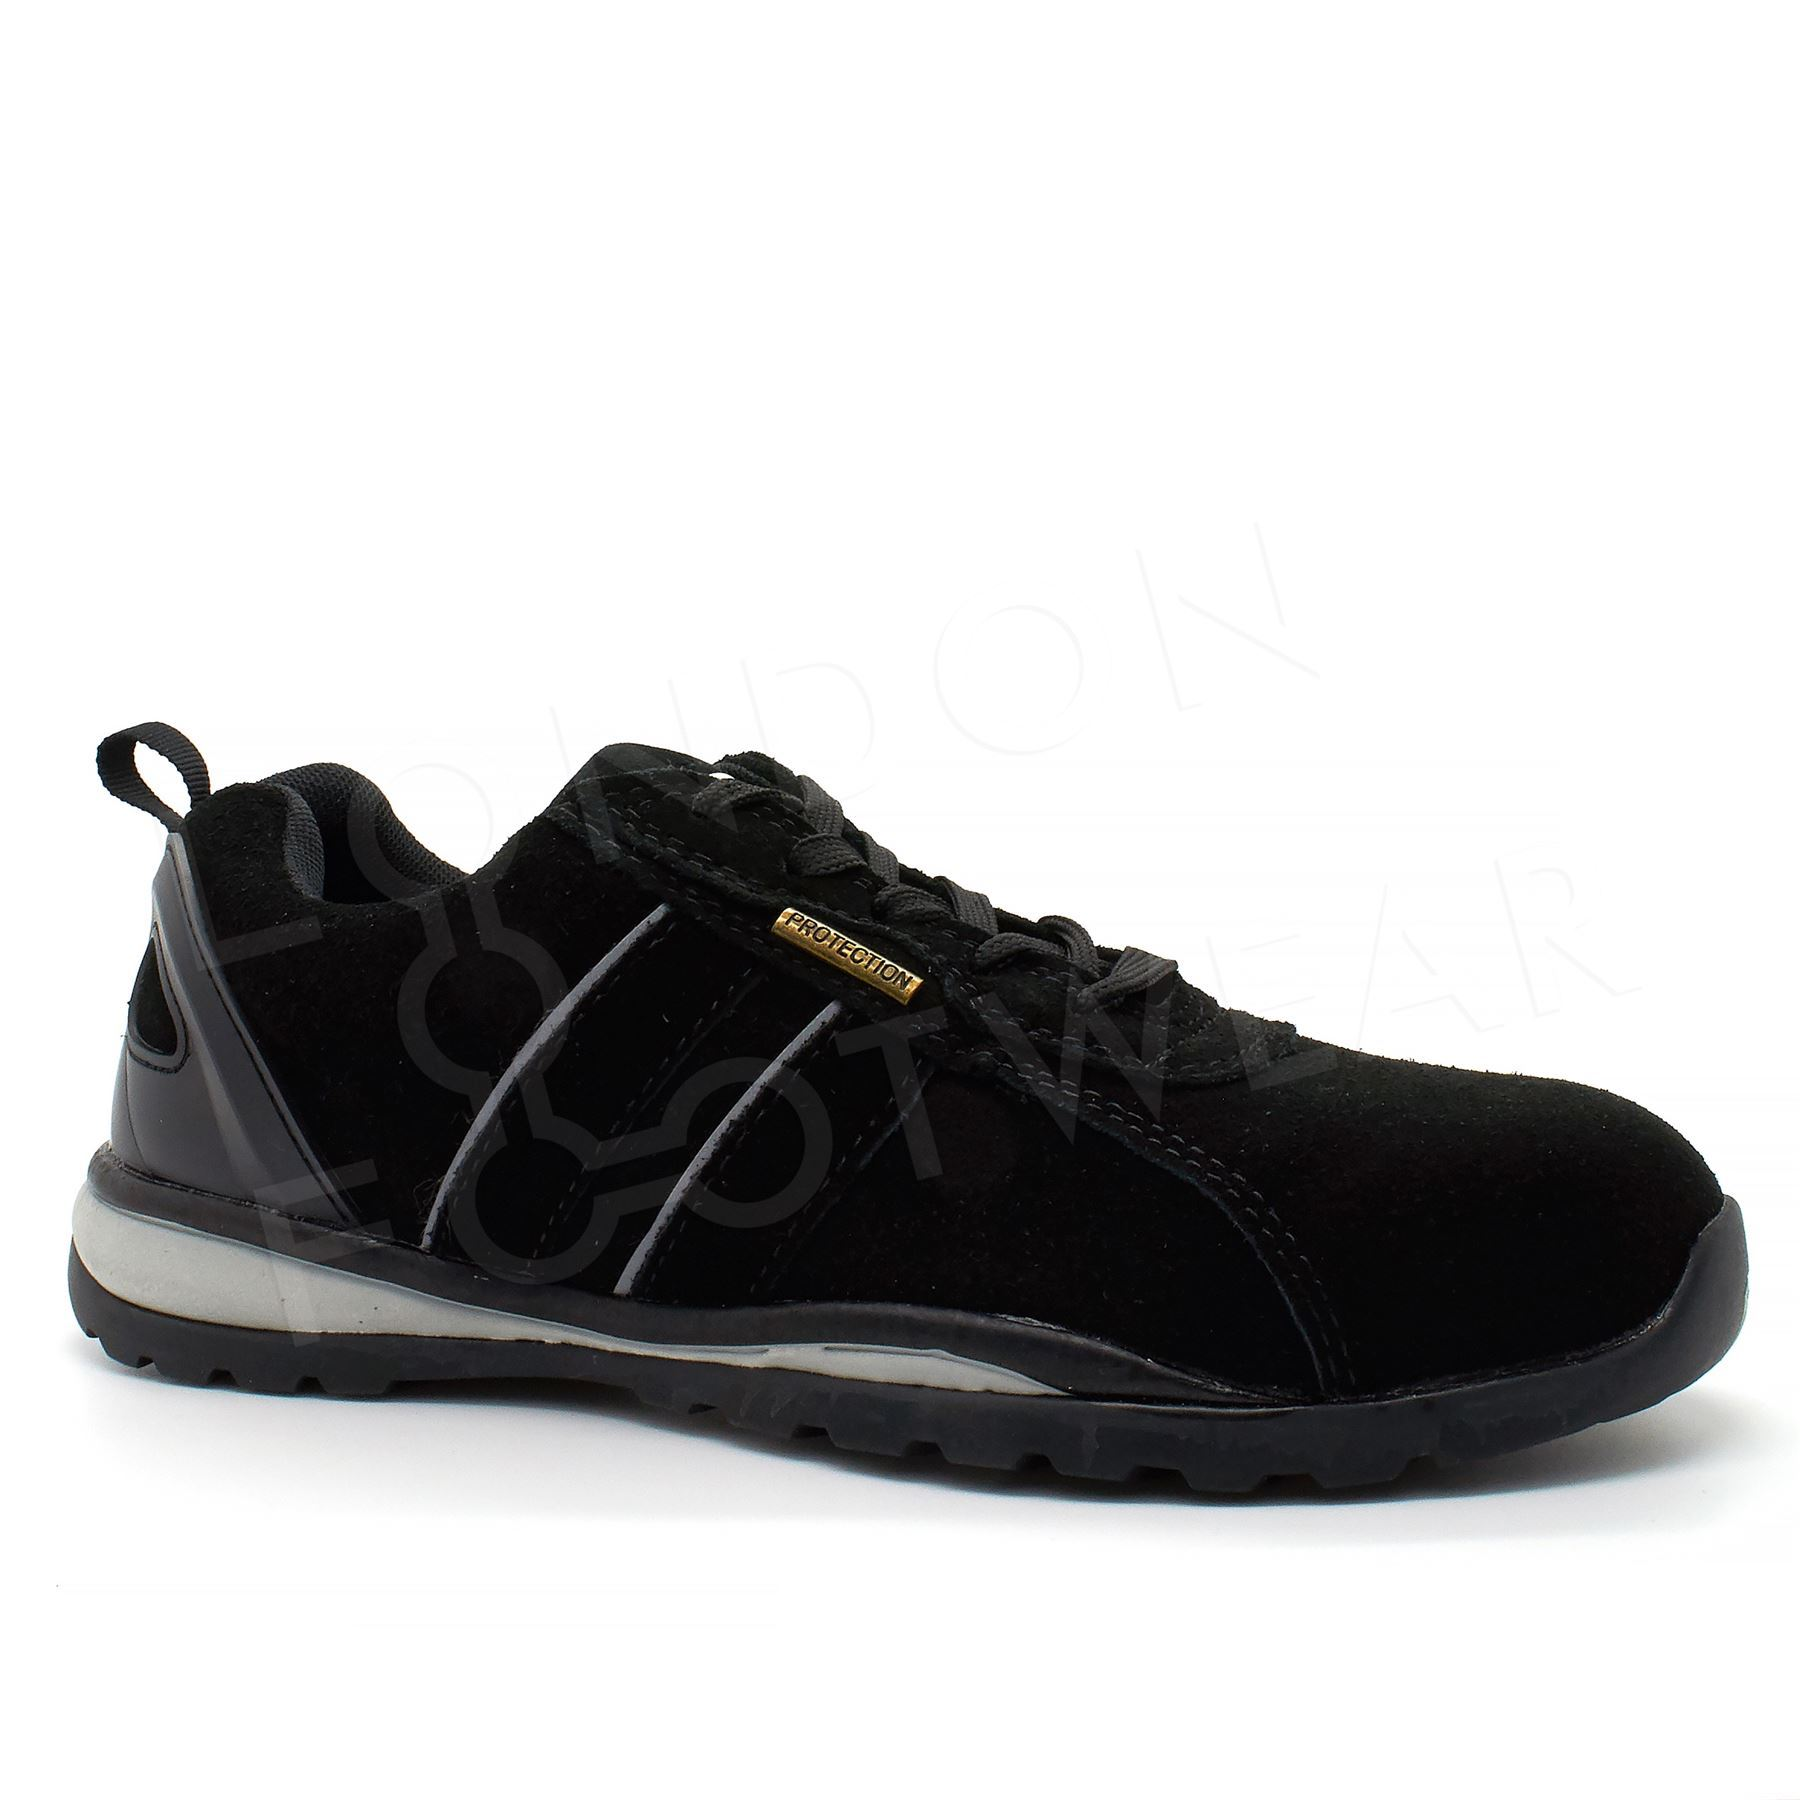 Amazon Uk Ladies Safety Shoes